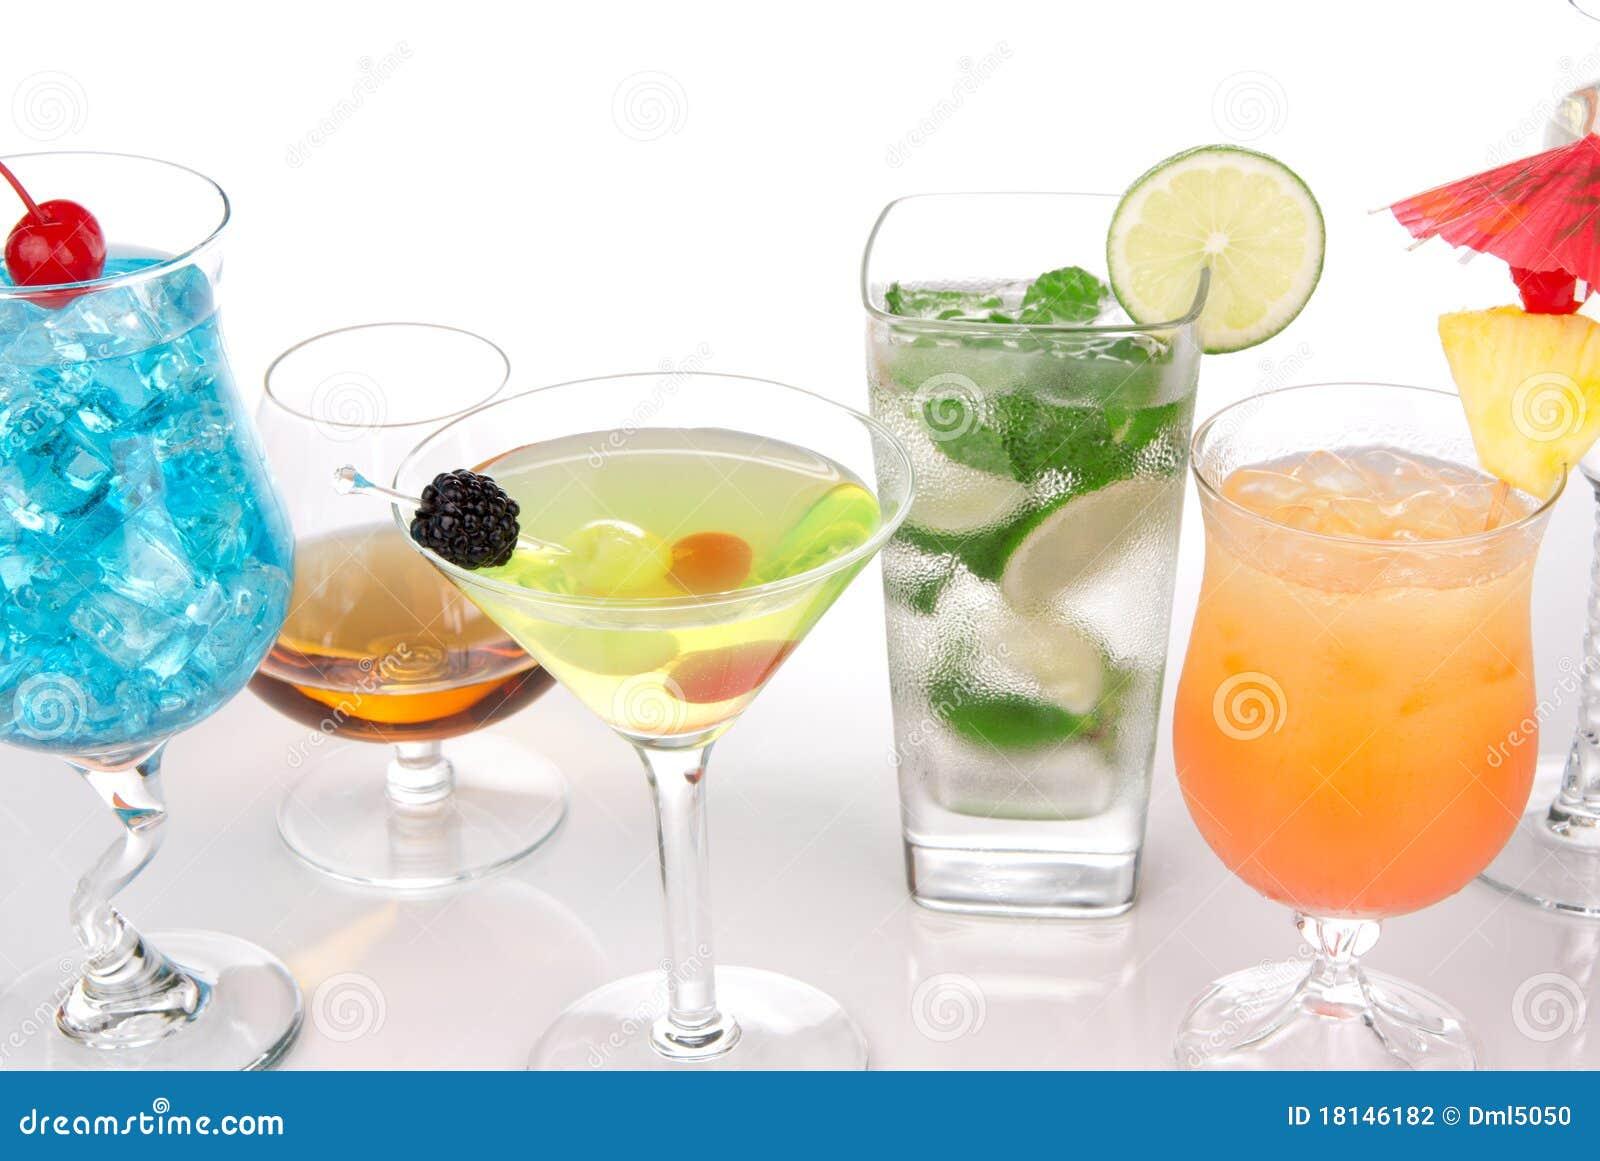 mojito; Sex on the beach, tropical Martini, tequila sunrise, margarita ...